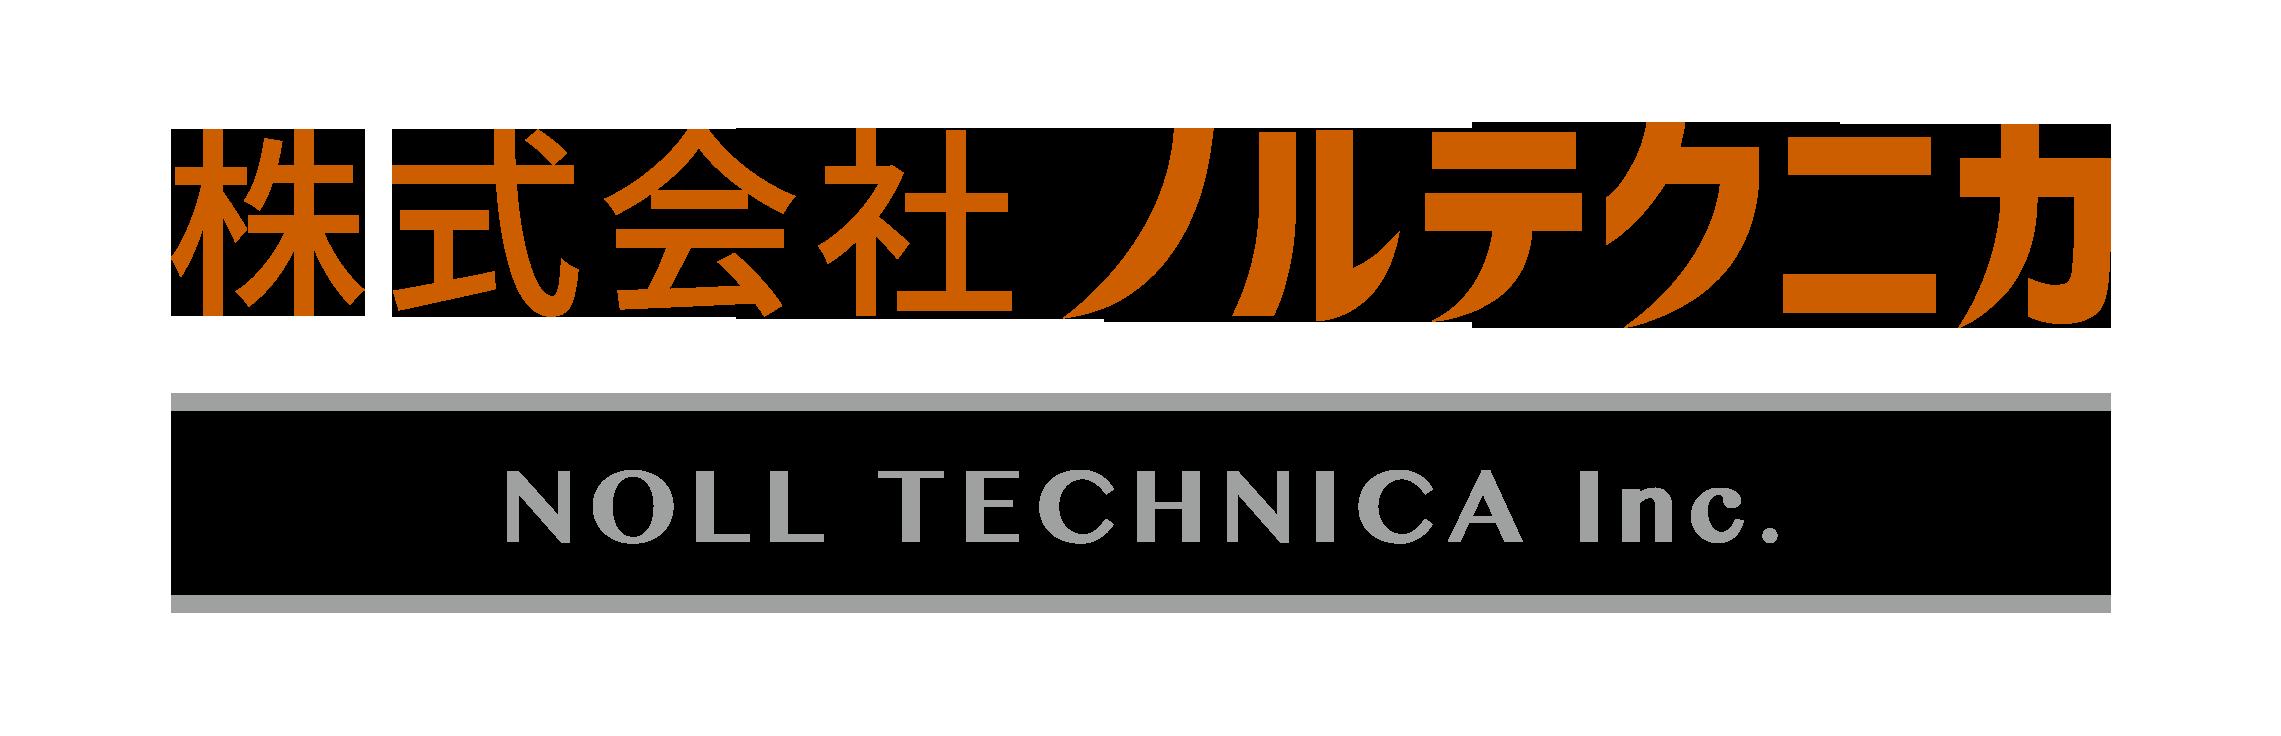 株式会社ノルテクニカ公式ブログ